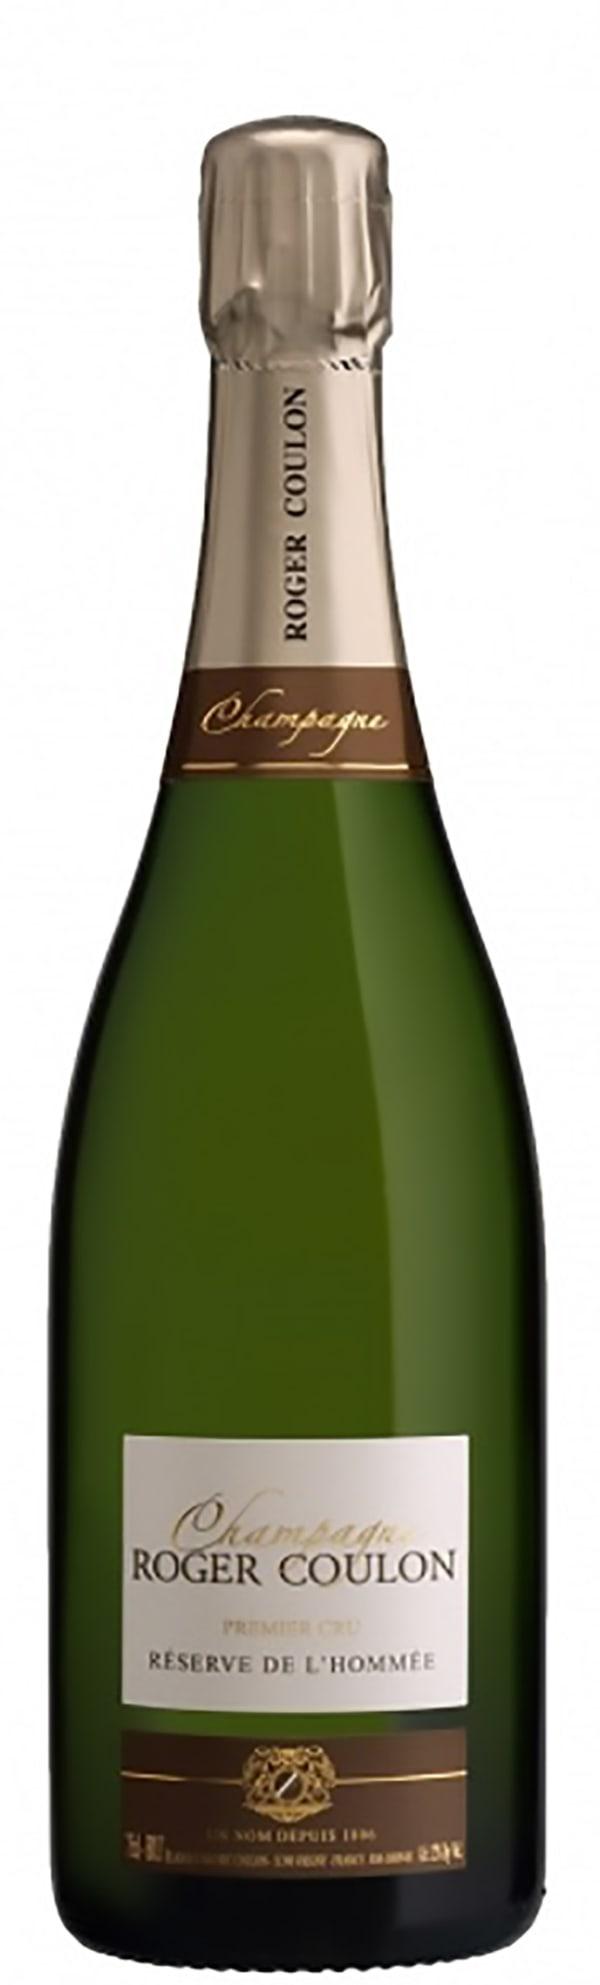 Roger Coulon Réserve de l'Hommée 1er Cru Champagne Brut